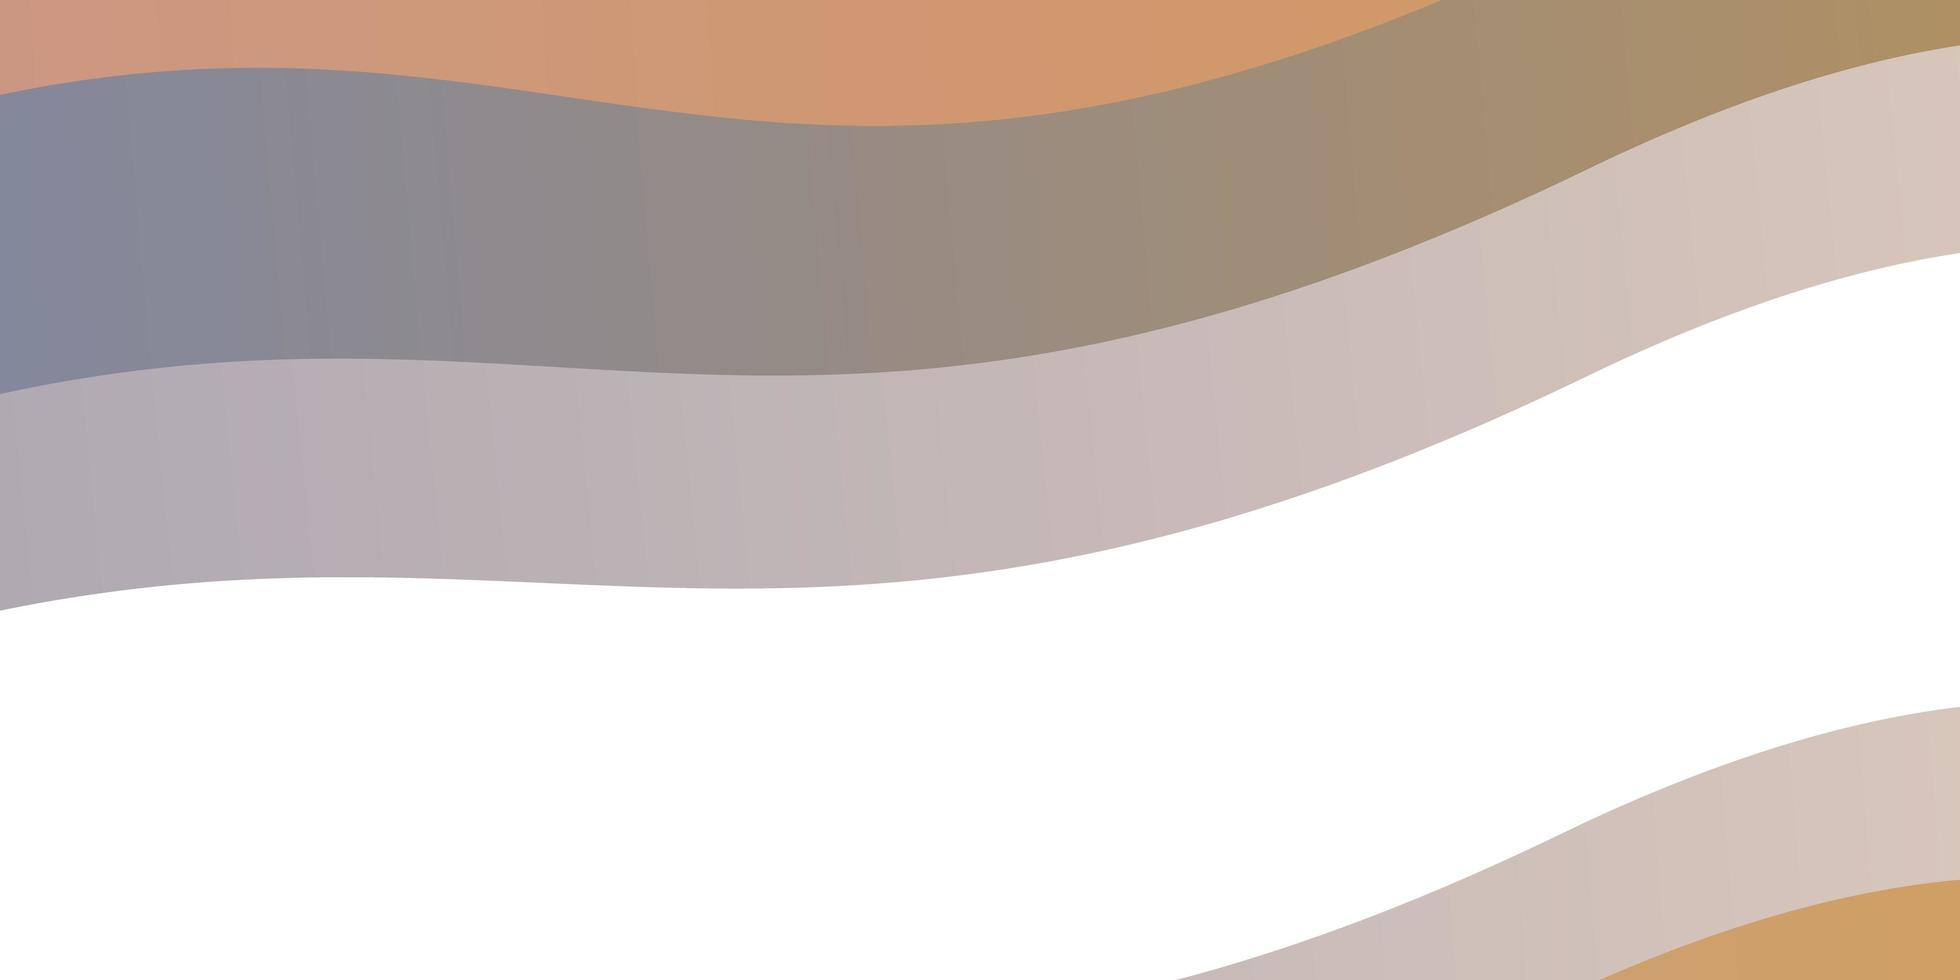 hellblaue, gelbe Schablone mit schiefen Linien. vektor